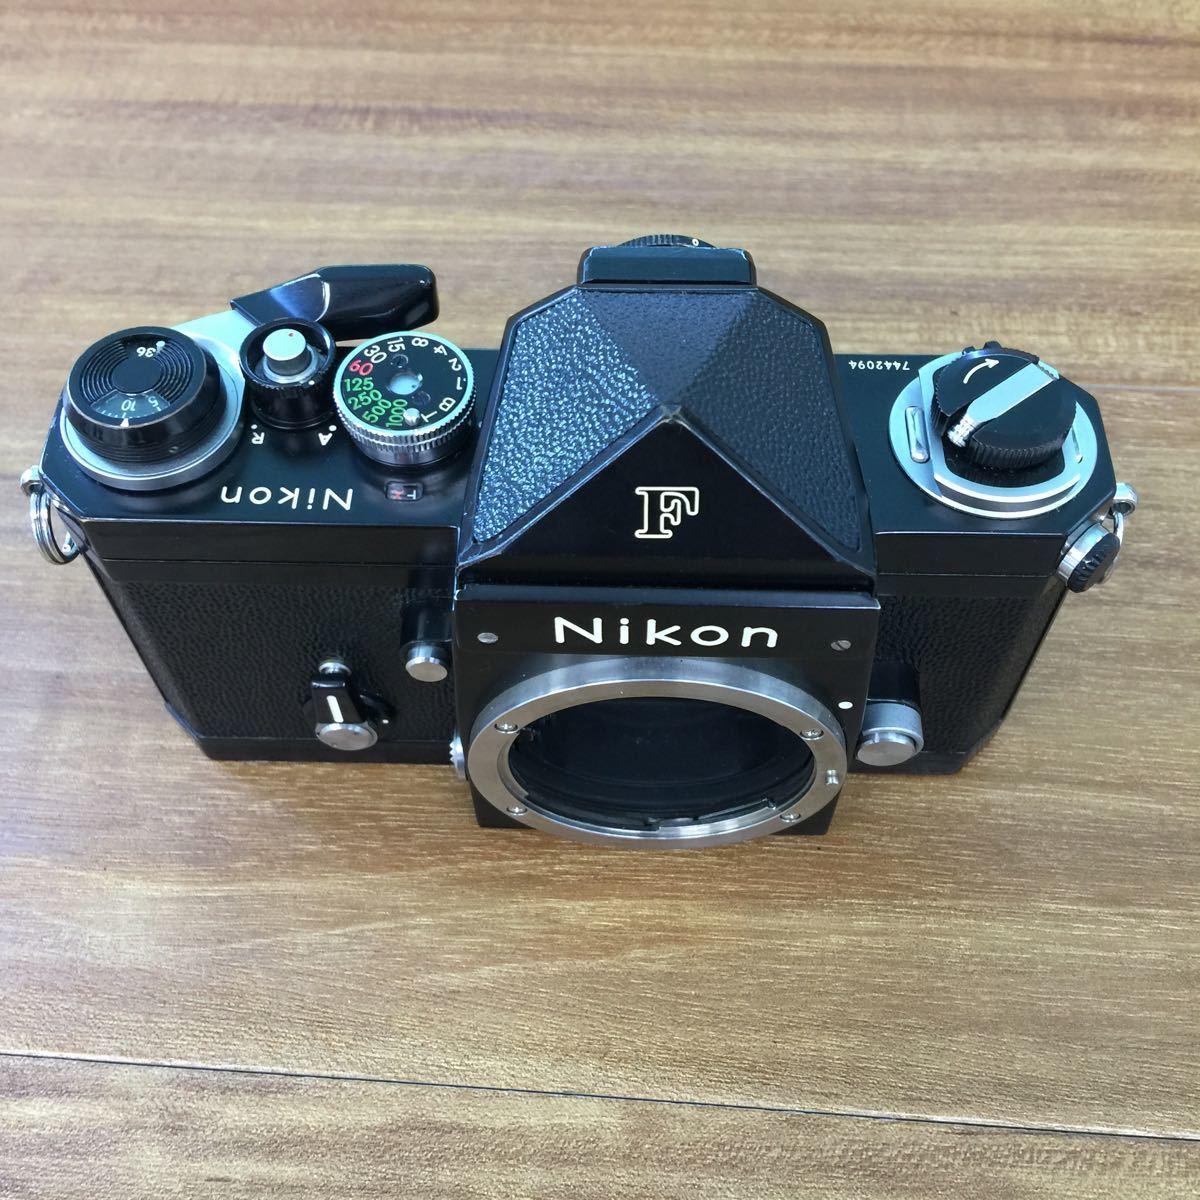 返品不可Nikon ニコン F ブラック black + Nikon F EYE-LEVEL Finder ファインダー#20349シャッターOK、ファインダーが汚れで、ジャンク品